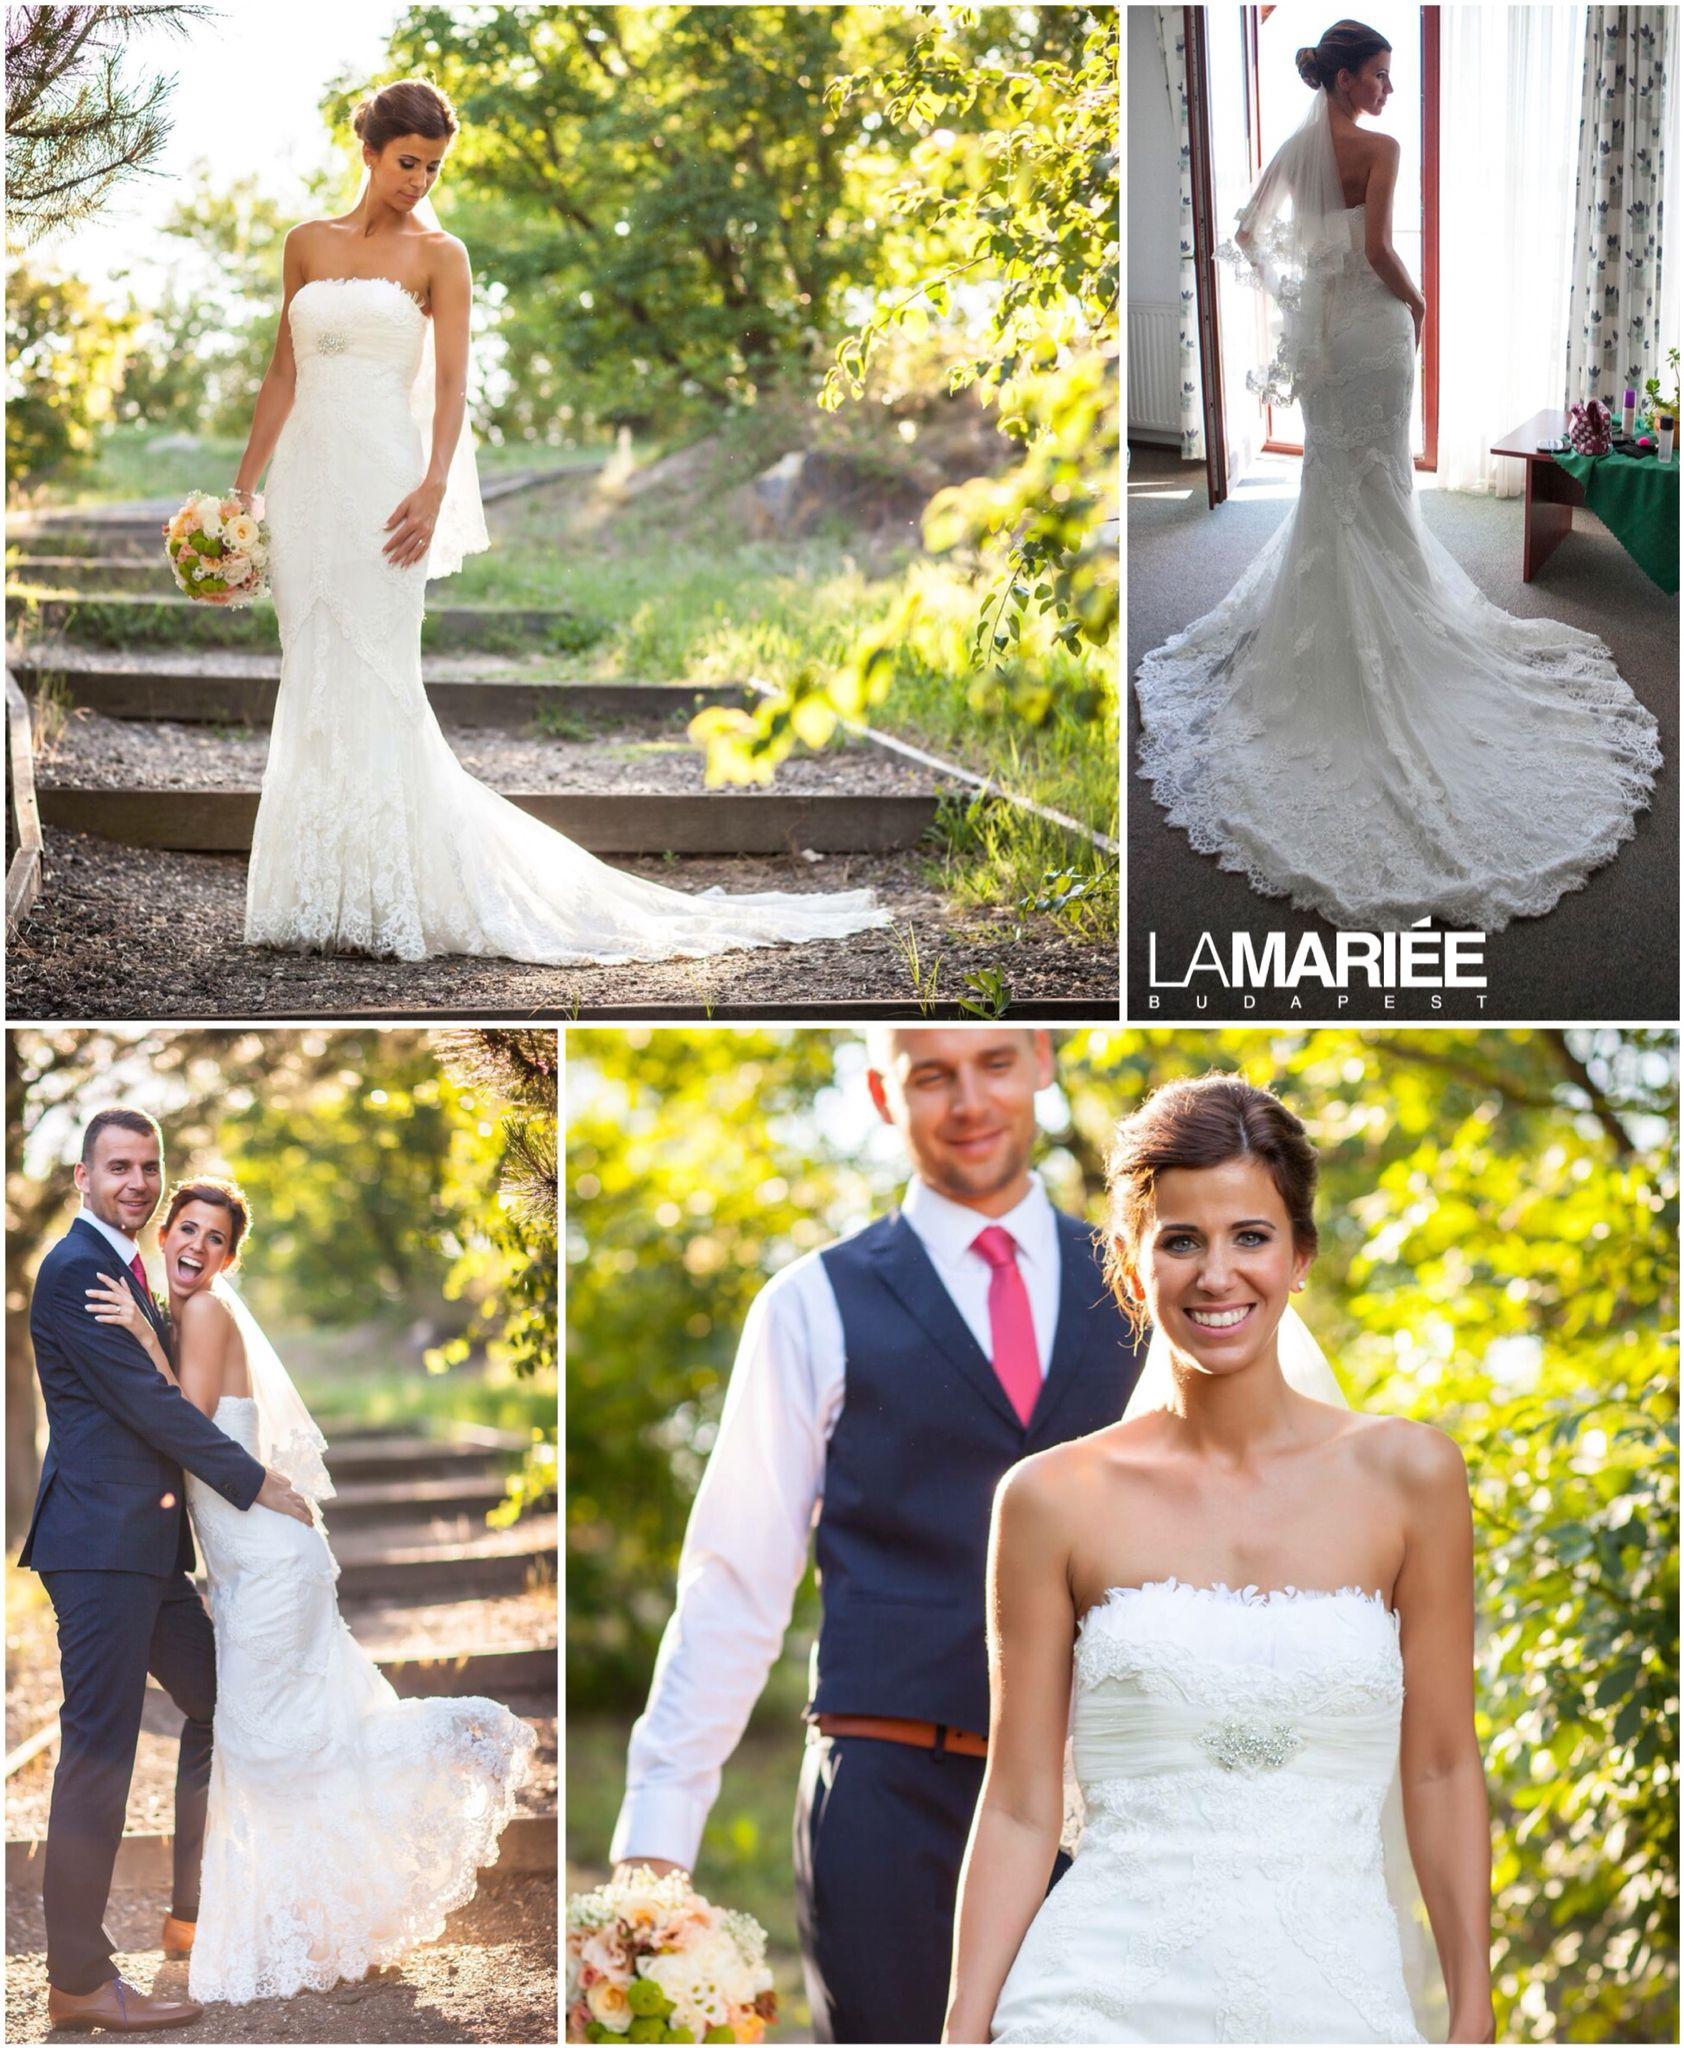 Dietrich esküvői ruha - Pronovias kollekció - Eszter menyasszonyunk  http://mobile.lamariee.hu/eskuvoi-ruha/pronovias-2015/dietrich